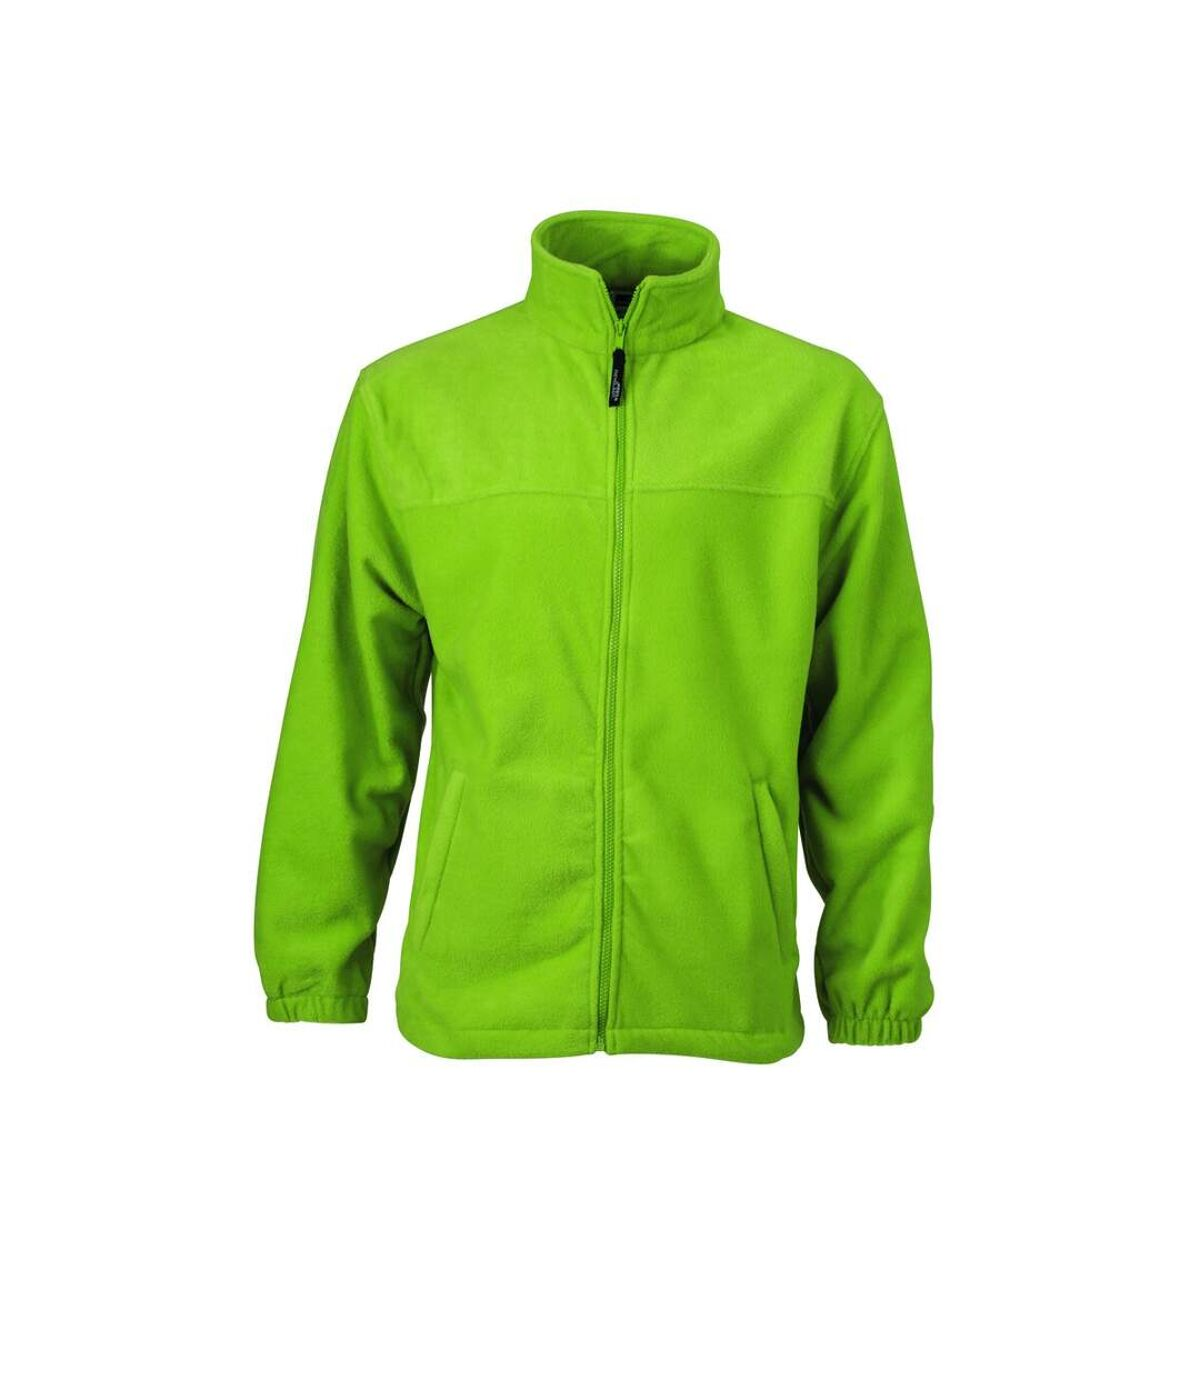 Veste polaire zippée homme - JN044 - vert citron